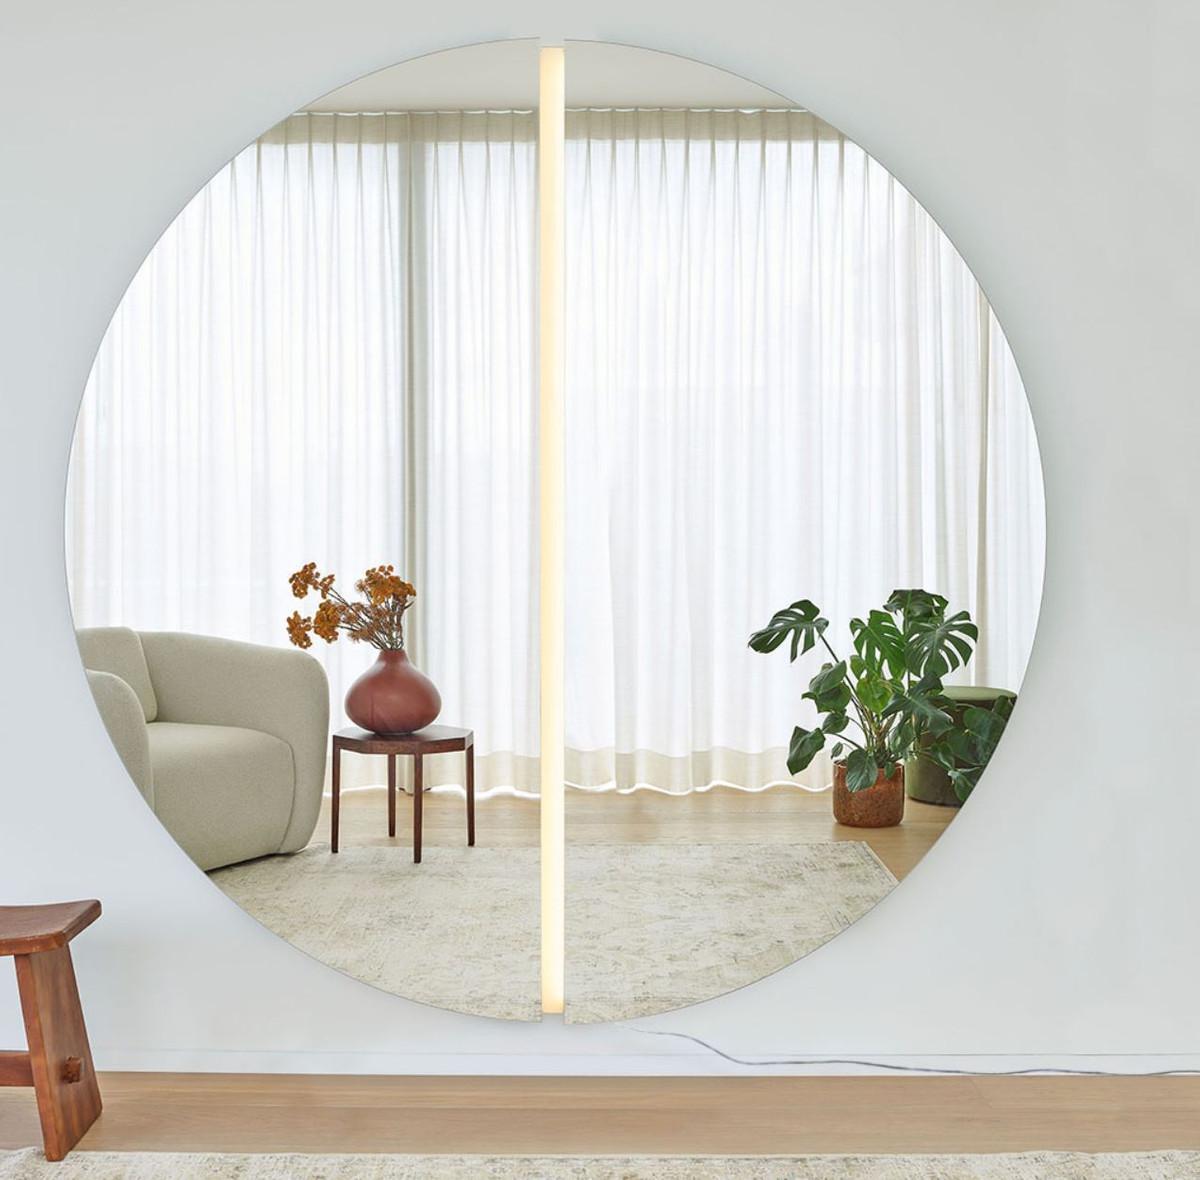 Casa Padrino Luxus Spiegel 10 x 10,10 x H. 10 cm - Runder Wandspiegel mit  LED Streifen - Wohnzimmer Hotel Restaurant Boutique Spiegel